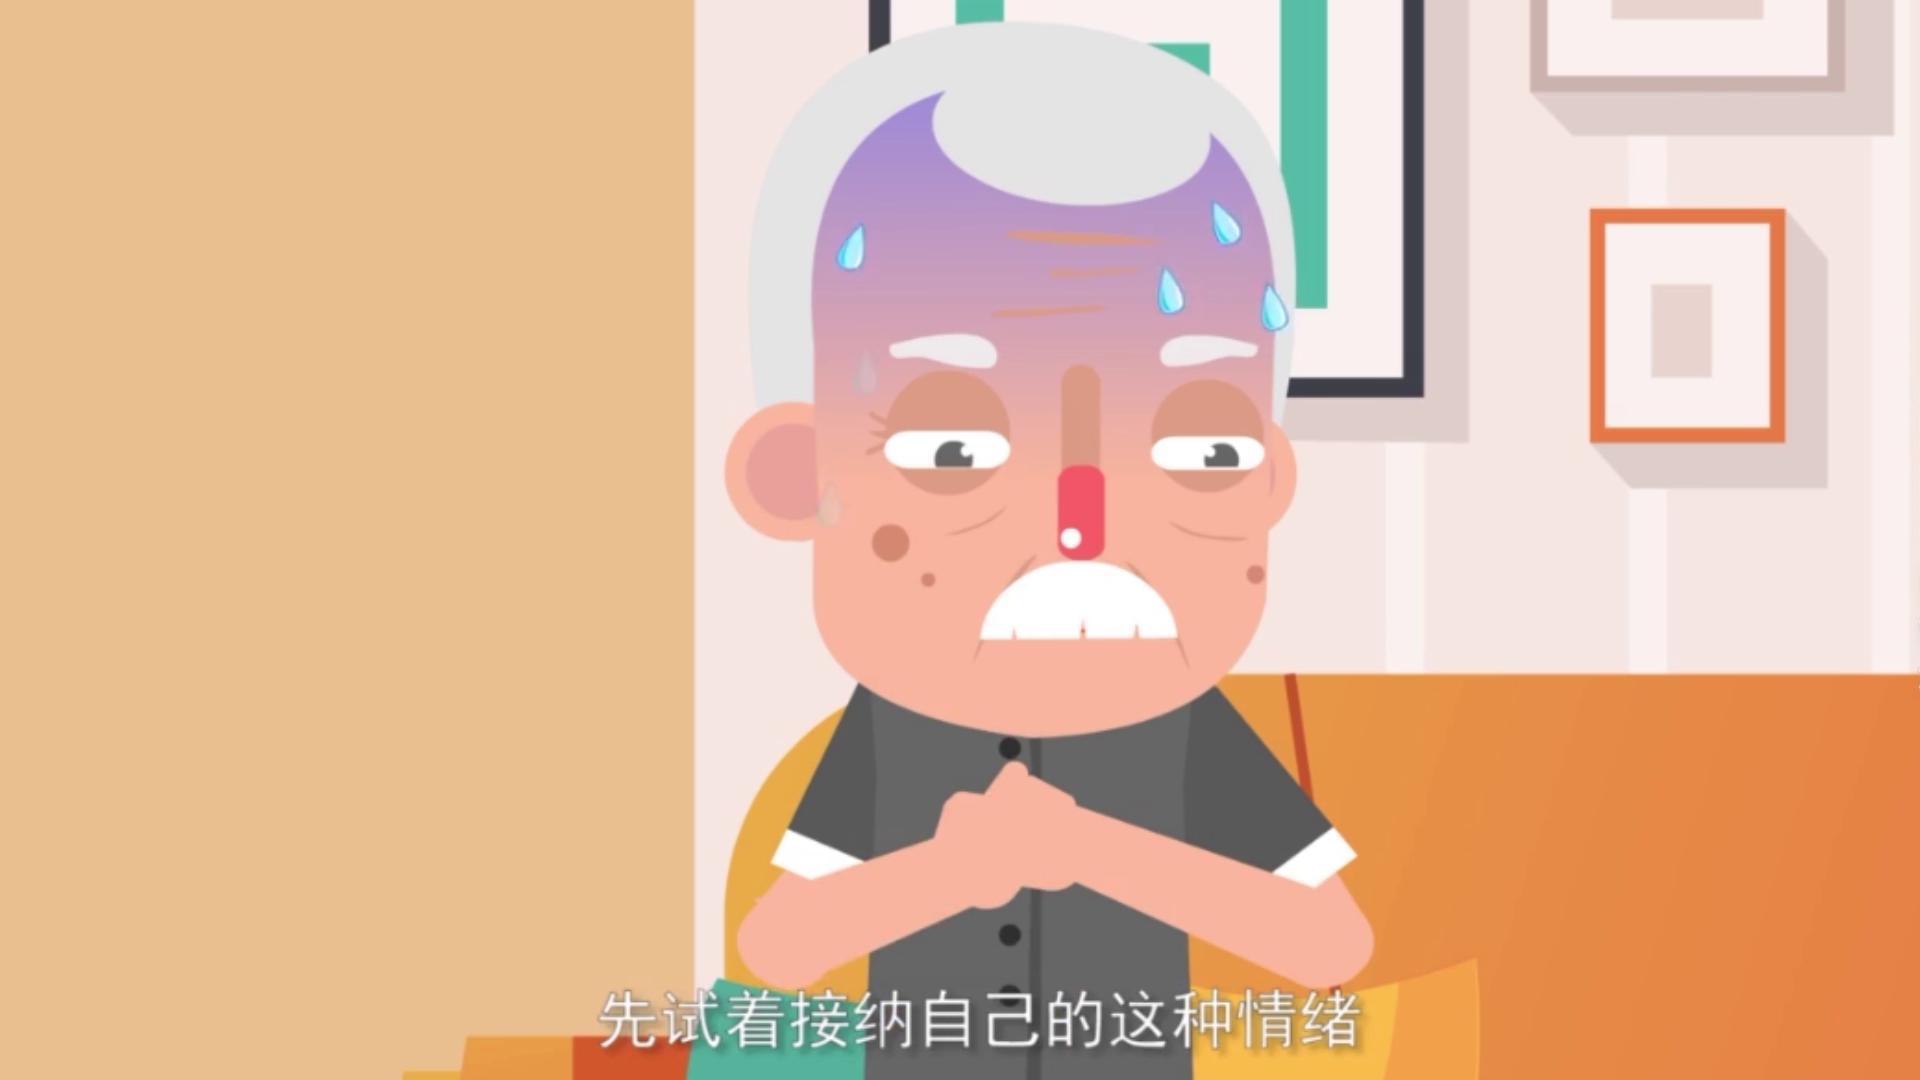 新型冠状病毒肺炎疫情心理调适指南——老年人心理调适